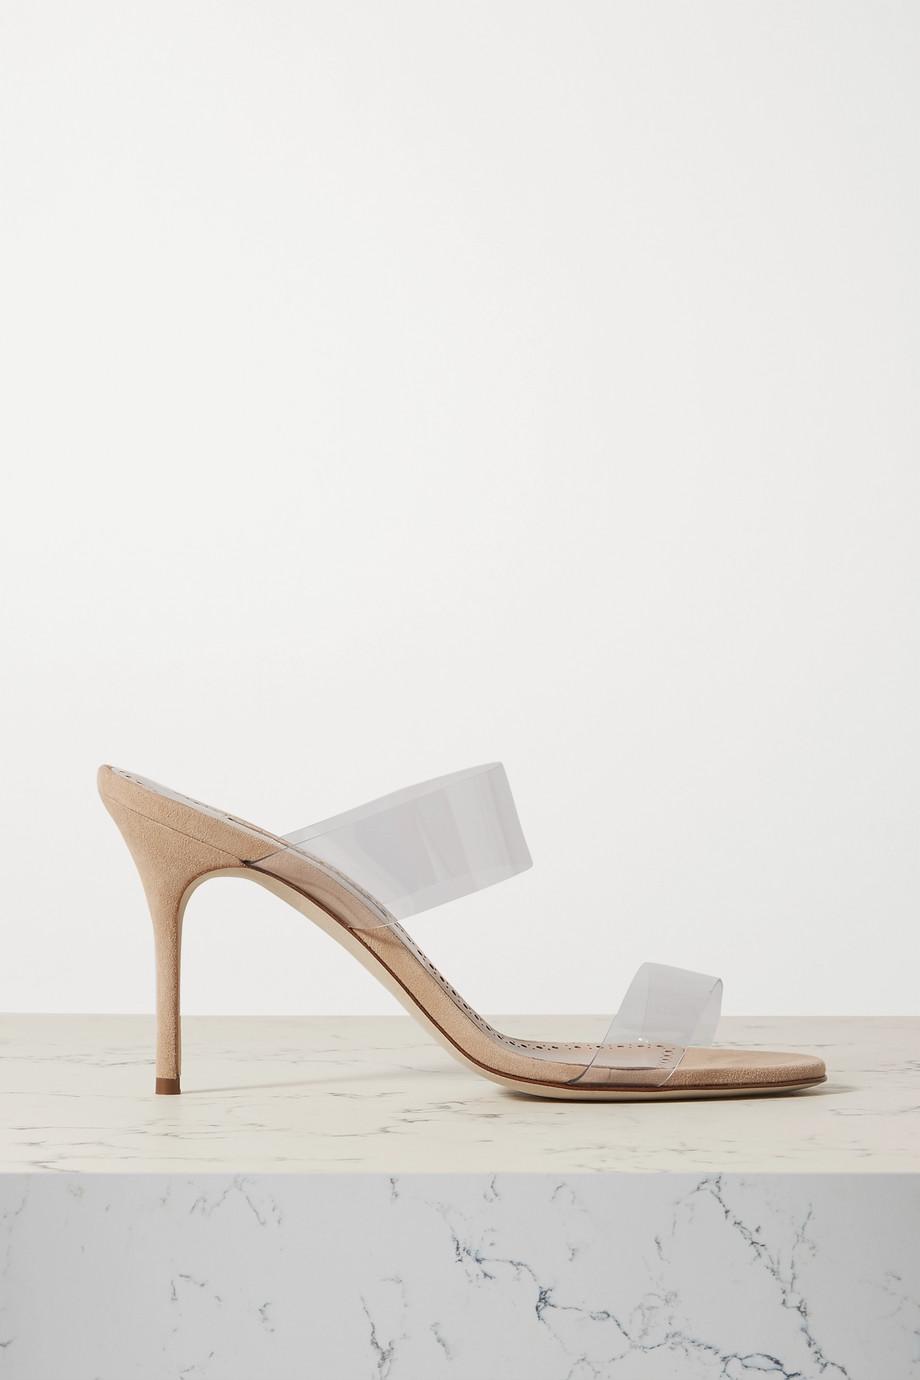 Manolo Blahnik Scolto PVC 穆勒鞋